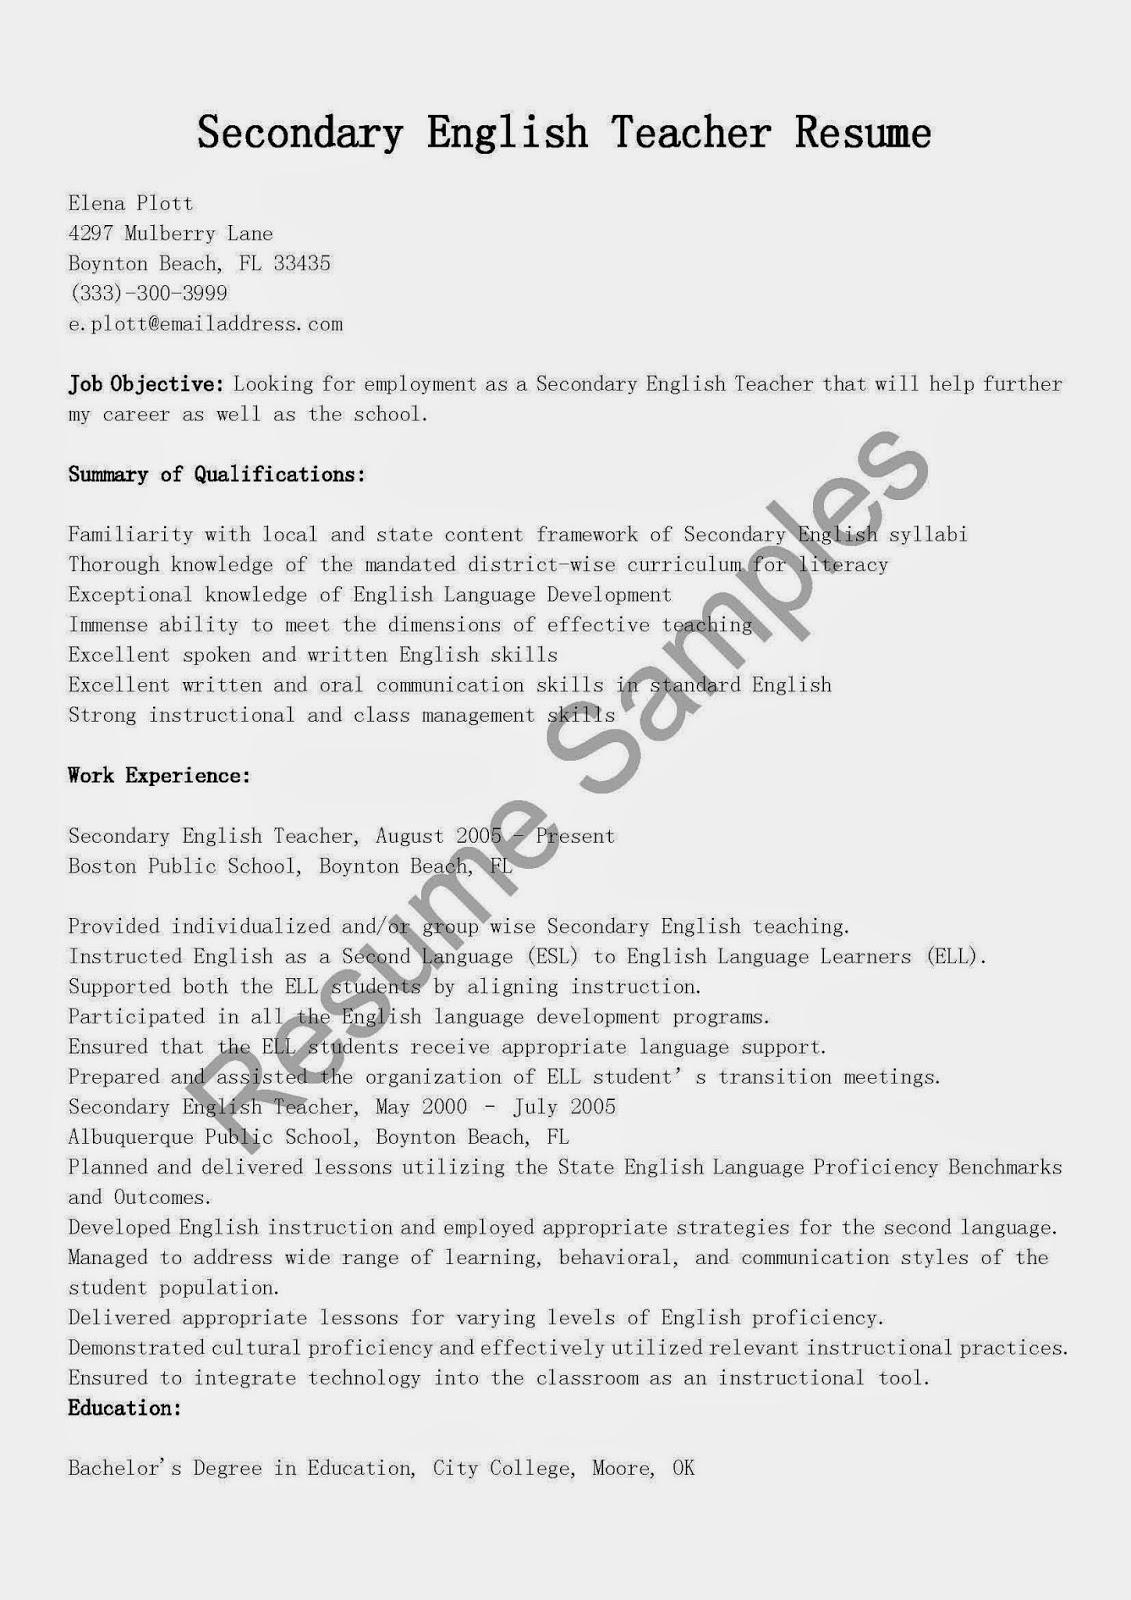 resume for teacher position resume college student objective resume for teacher position